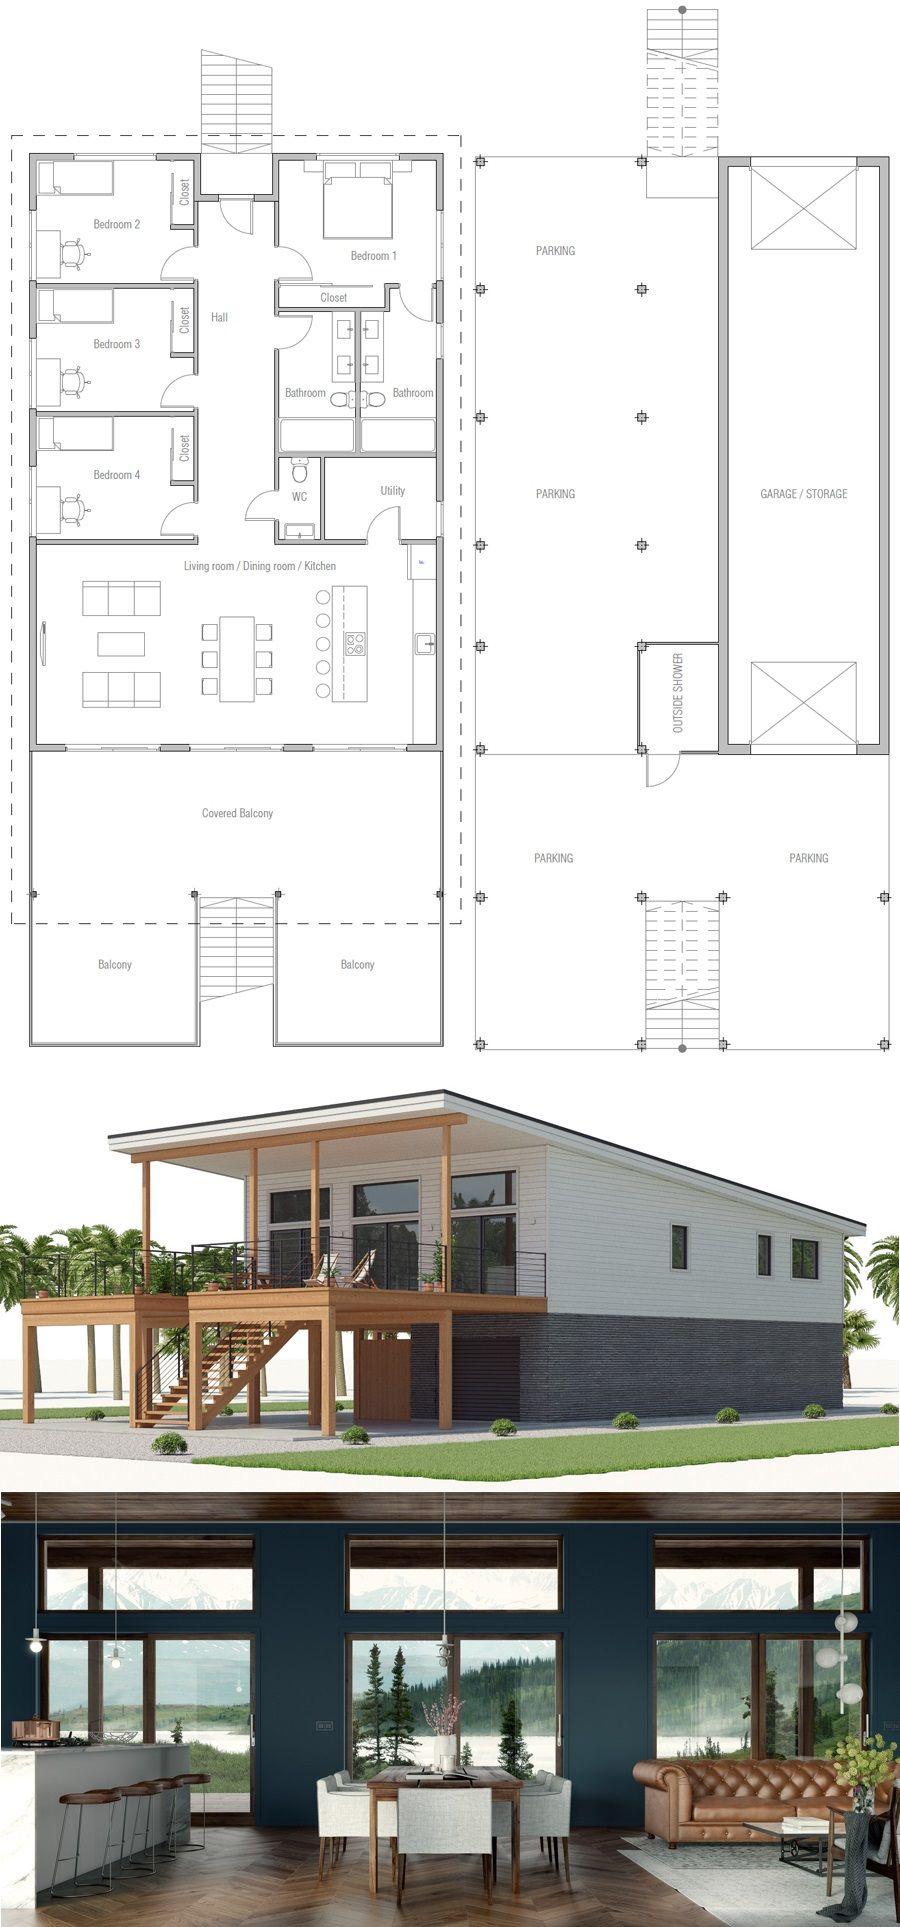 Floor plan grundrisse wohnen moderne hauspläne traumhaus pläne kleine hauspläne haus